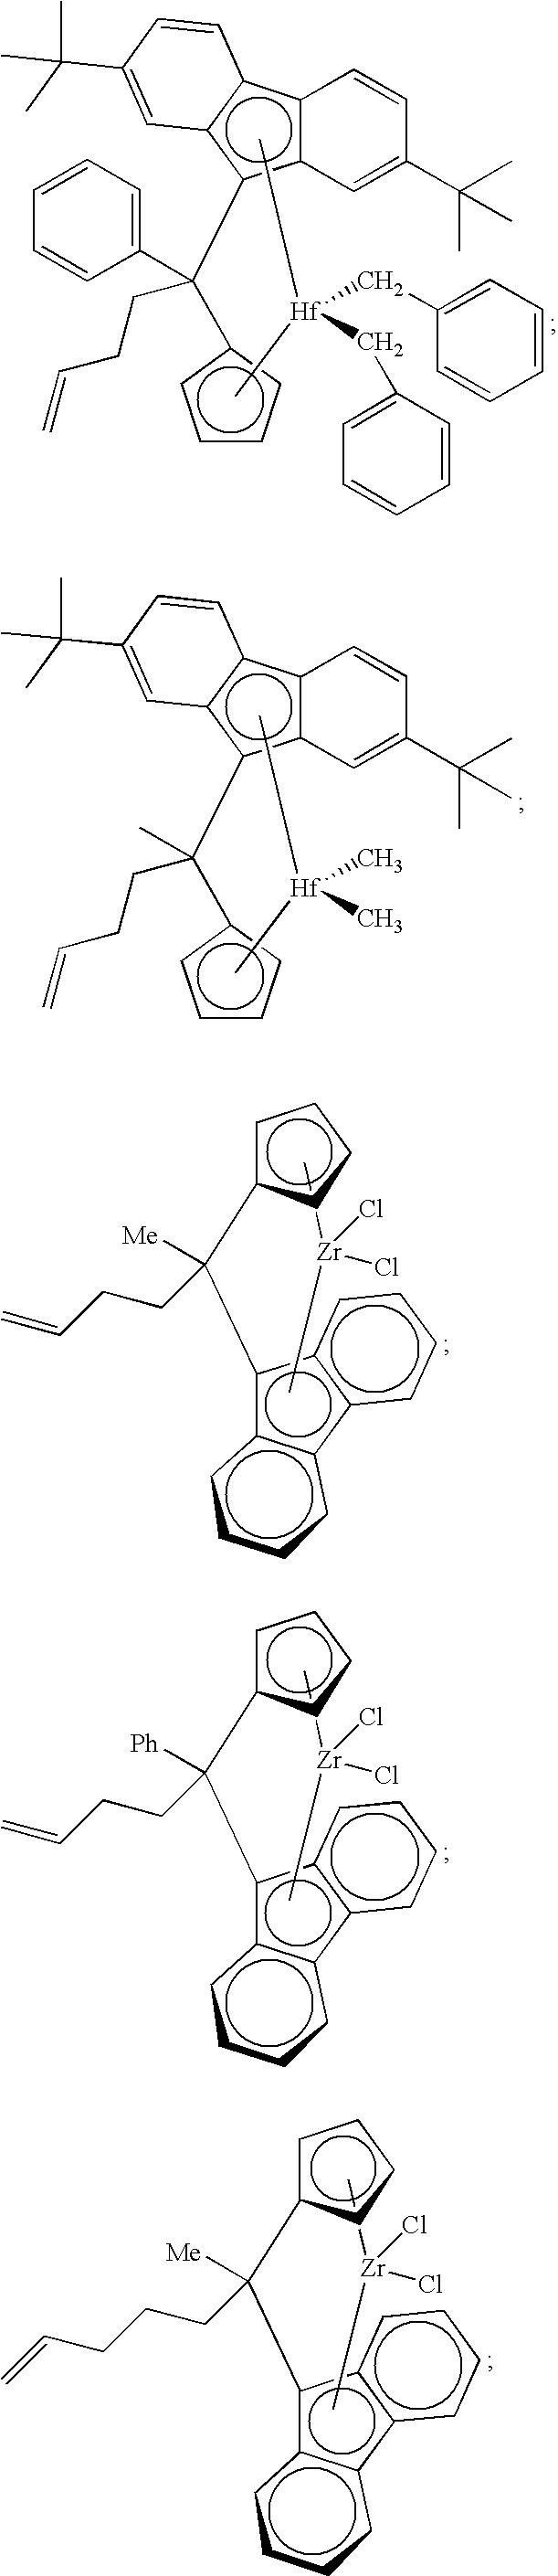 Figure US20100227989A1-20100909-C00008